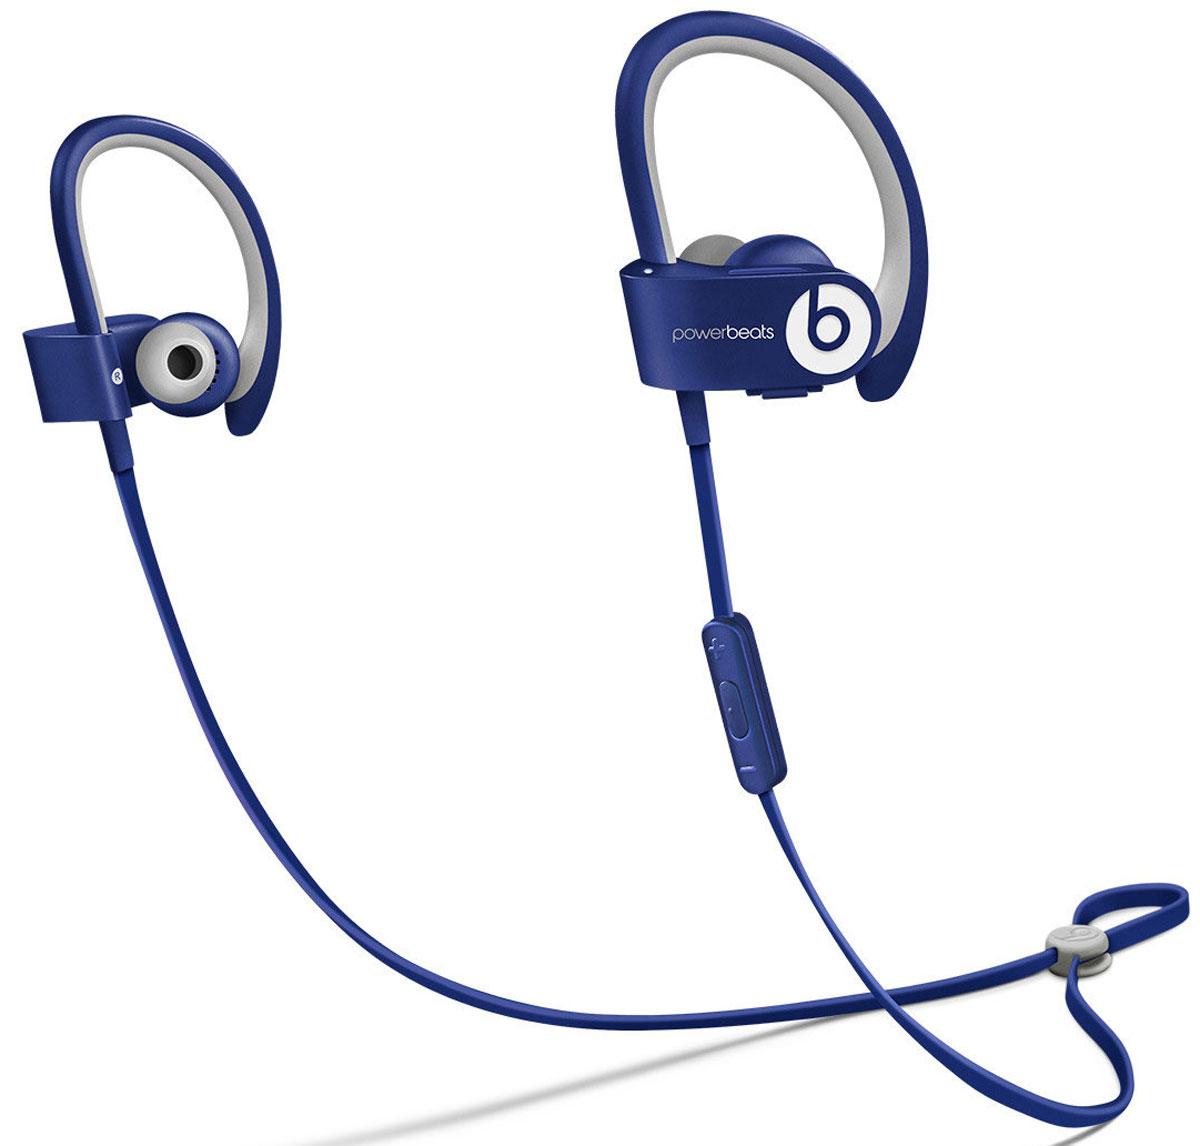 Beats Powerbeats 2 Wireless, Blue наушникиMHBV2ZM/AВдохновлённые Леброном Джеймсом и его упорным стремлением к совершенству, беспроводные наушники с Bluetooth Beats by Dr. Dre Powerbeats2 обладают исключительно малым весом и высокой мощностью двухполосной акустики, стимулируя вас во время тяжёлых тренировок. Созданы, чтобы выдержать все испытания Уровень пото-и водонепроницаемости IPX-4 означает, что наушники Powerbeats2 защищены, начиная от ушных вкладышей и заканчивая соединяющим наушники кабелем с защитой от спутывания. Элемент управления RemoteTalk, расположенный на соединяющем кабеле с защитой от спутывания, сделан в виде накладки, препятствующей соскальзыванию, когда вы регулируете громкость, переключаете треки или совершаете звонки. Больше свободы Где бы вы ни находились — на улице или на корте — беспроводные наушники Powerbeats2 дают вам полную свободу тренировок. Беспроводная связь Bluetooth позволяет подключаться к iPhone, iPad или iPod с поддержкой Bluetooth на расстоянии...